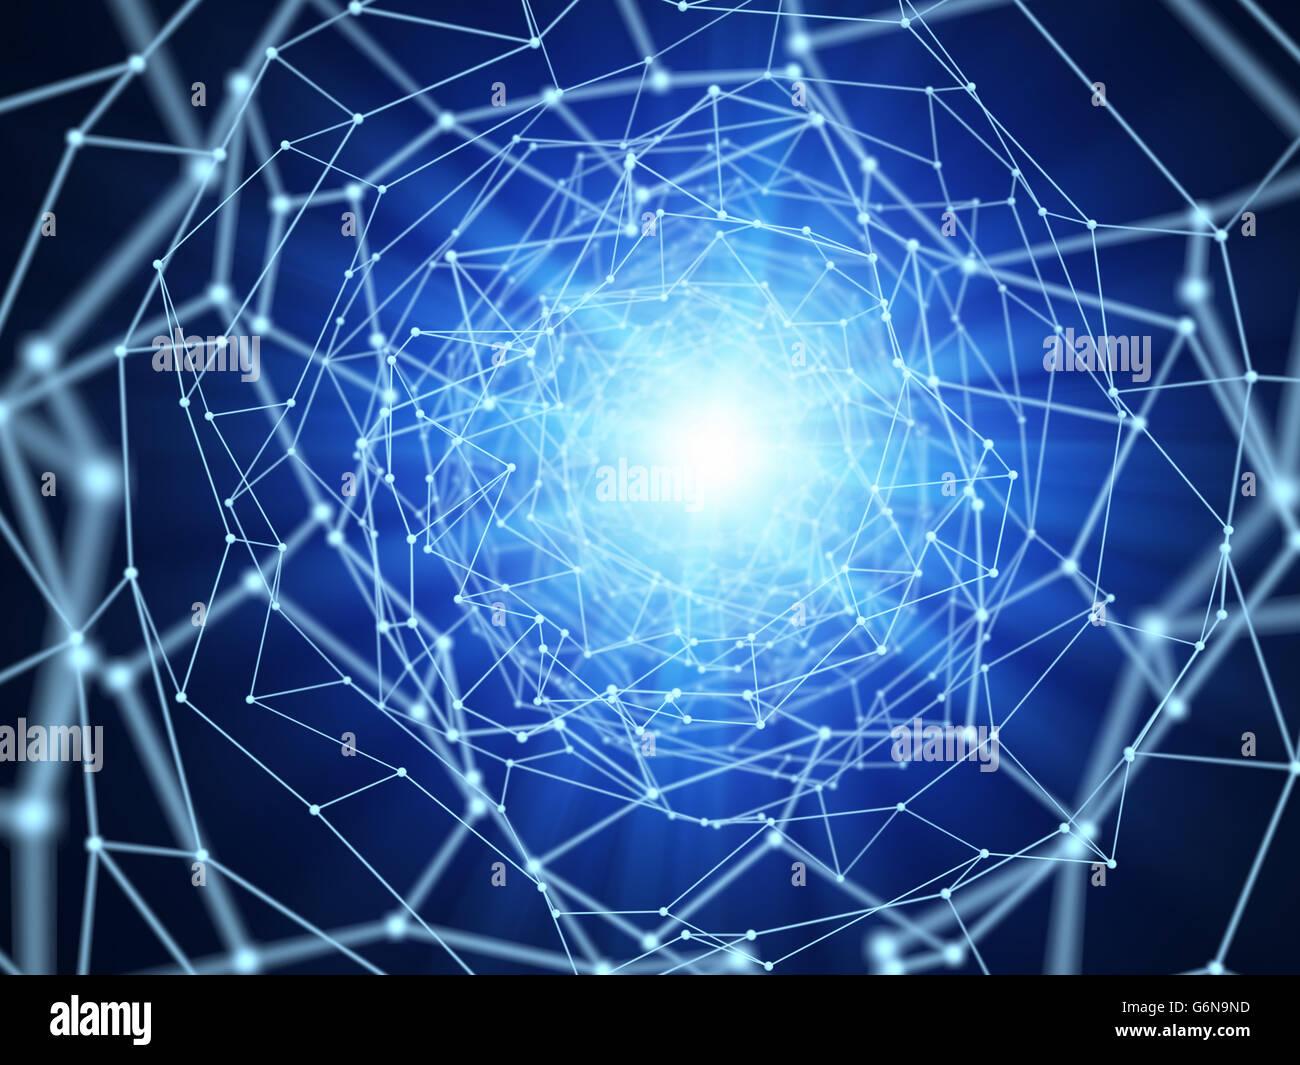 Conexiones de red abstracto - Ilustración 3d Imagen De Stock